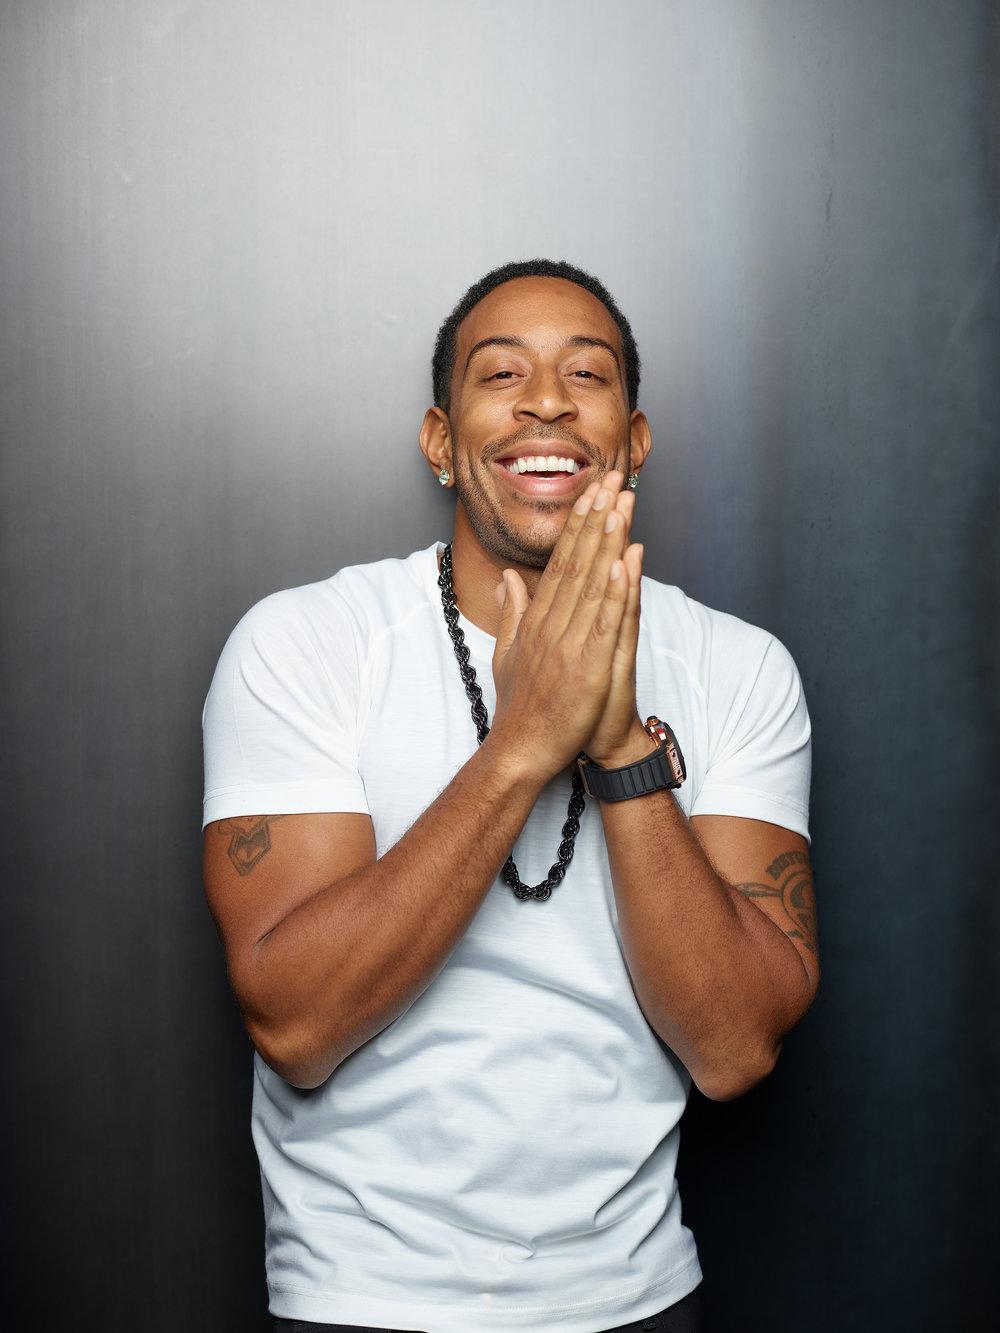 Ludacris_by_Zack_Arias_011.jpg